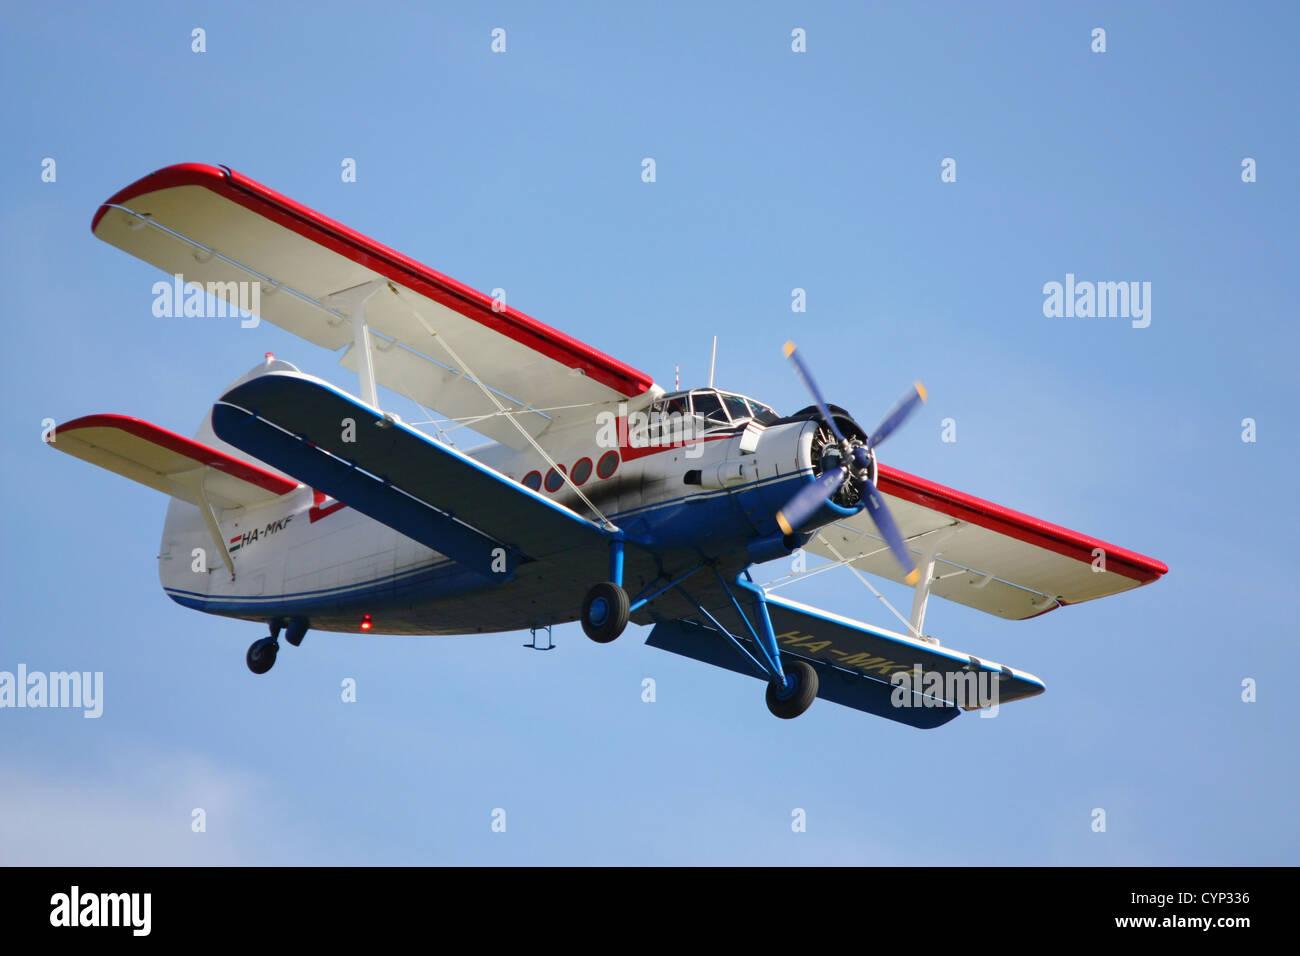 antonov an-2 aircraft flying at duxford 2012 - Stock Image